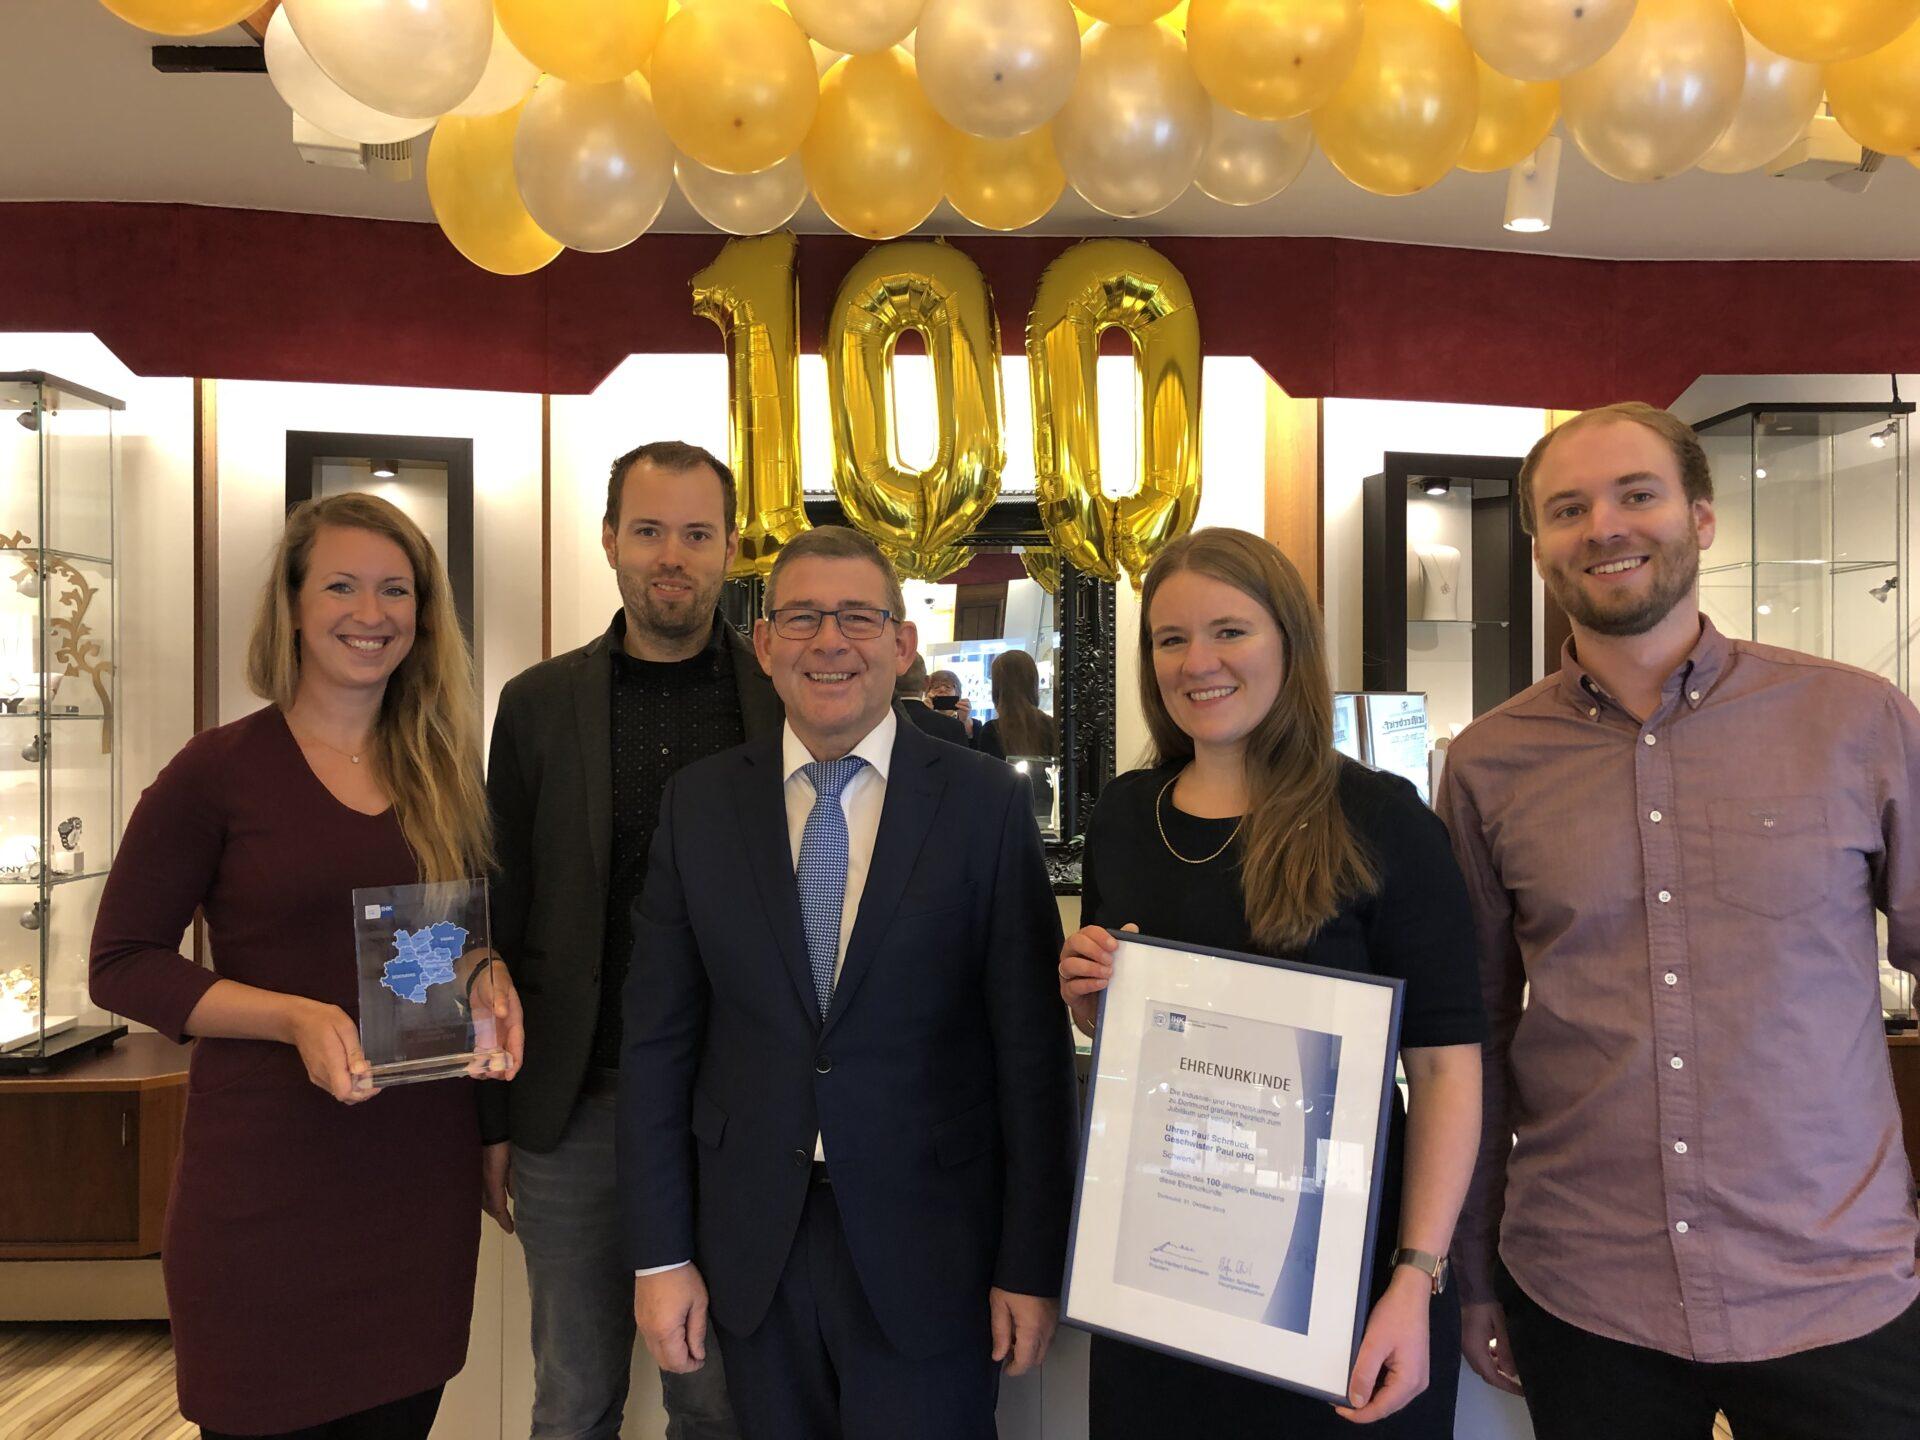 100 Jahre Paul in Schwerte – Ein Familienunternehmen mit langer Tradition feiert Jubiläum